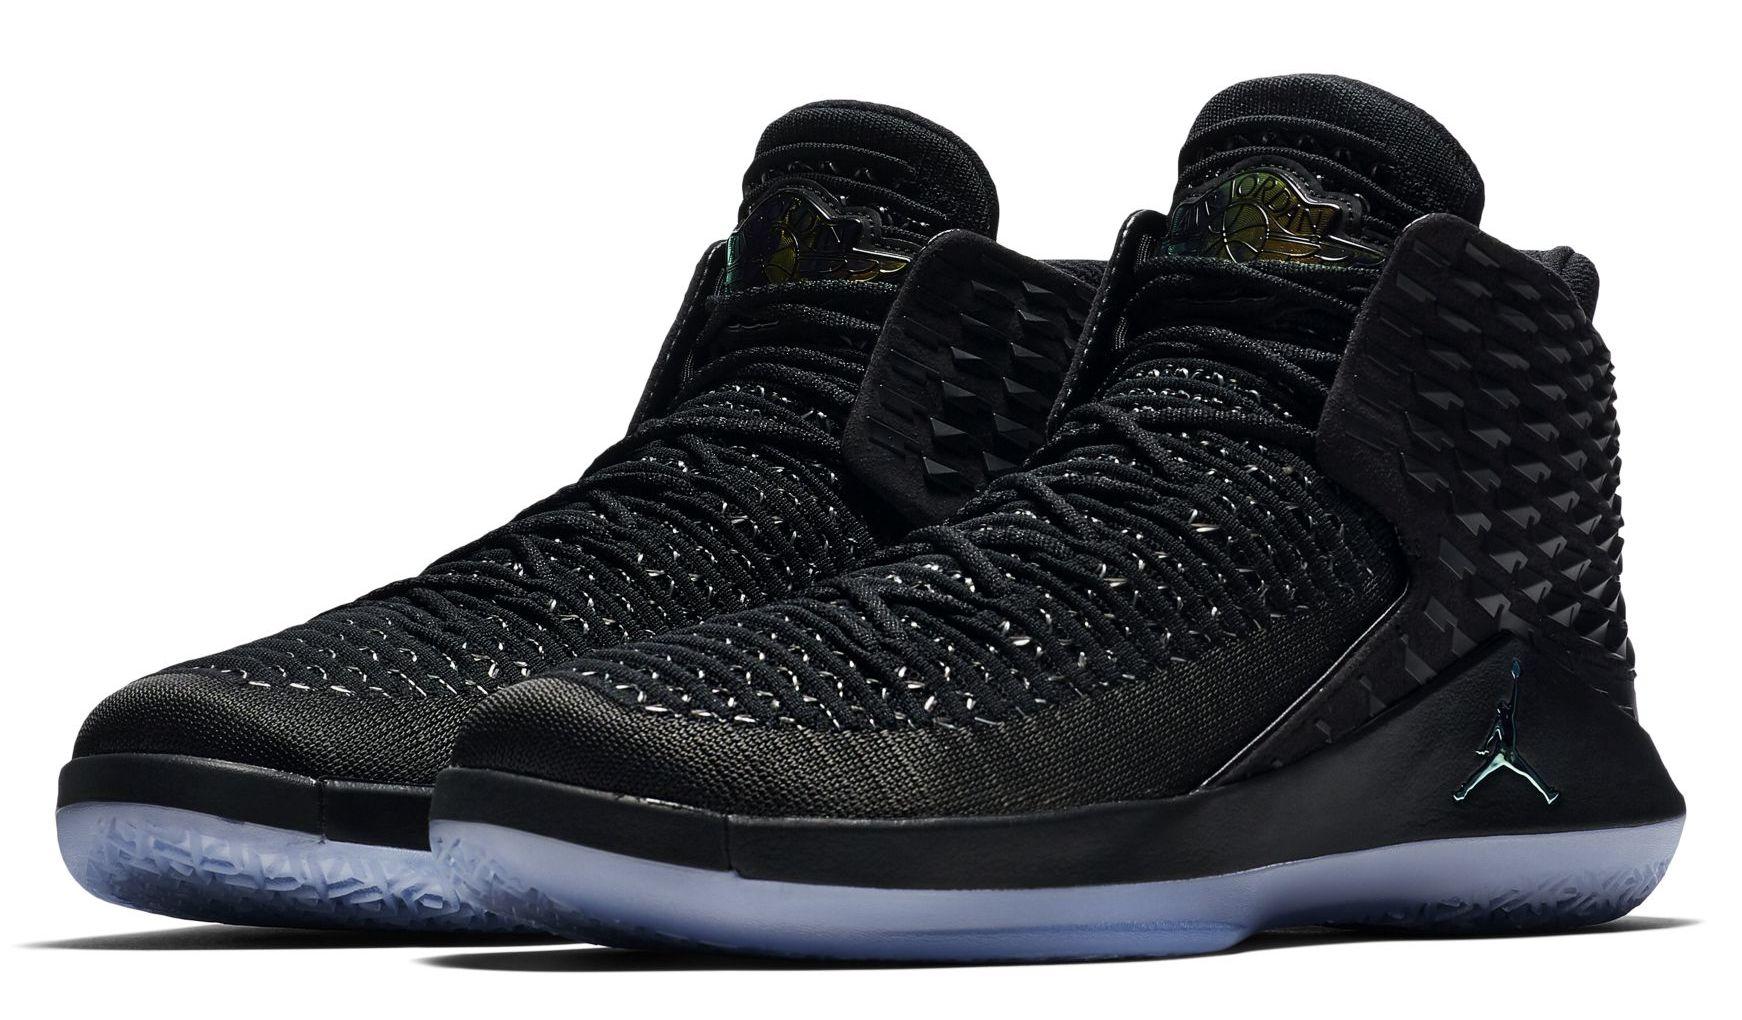 b01e1c2b2fa Air Jordan 32 'Black Cat' AH3348-003 Release Date | Sole Collector